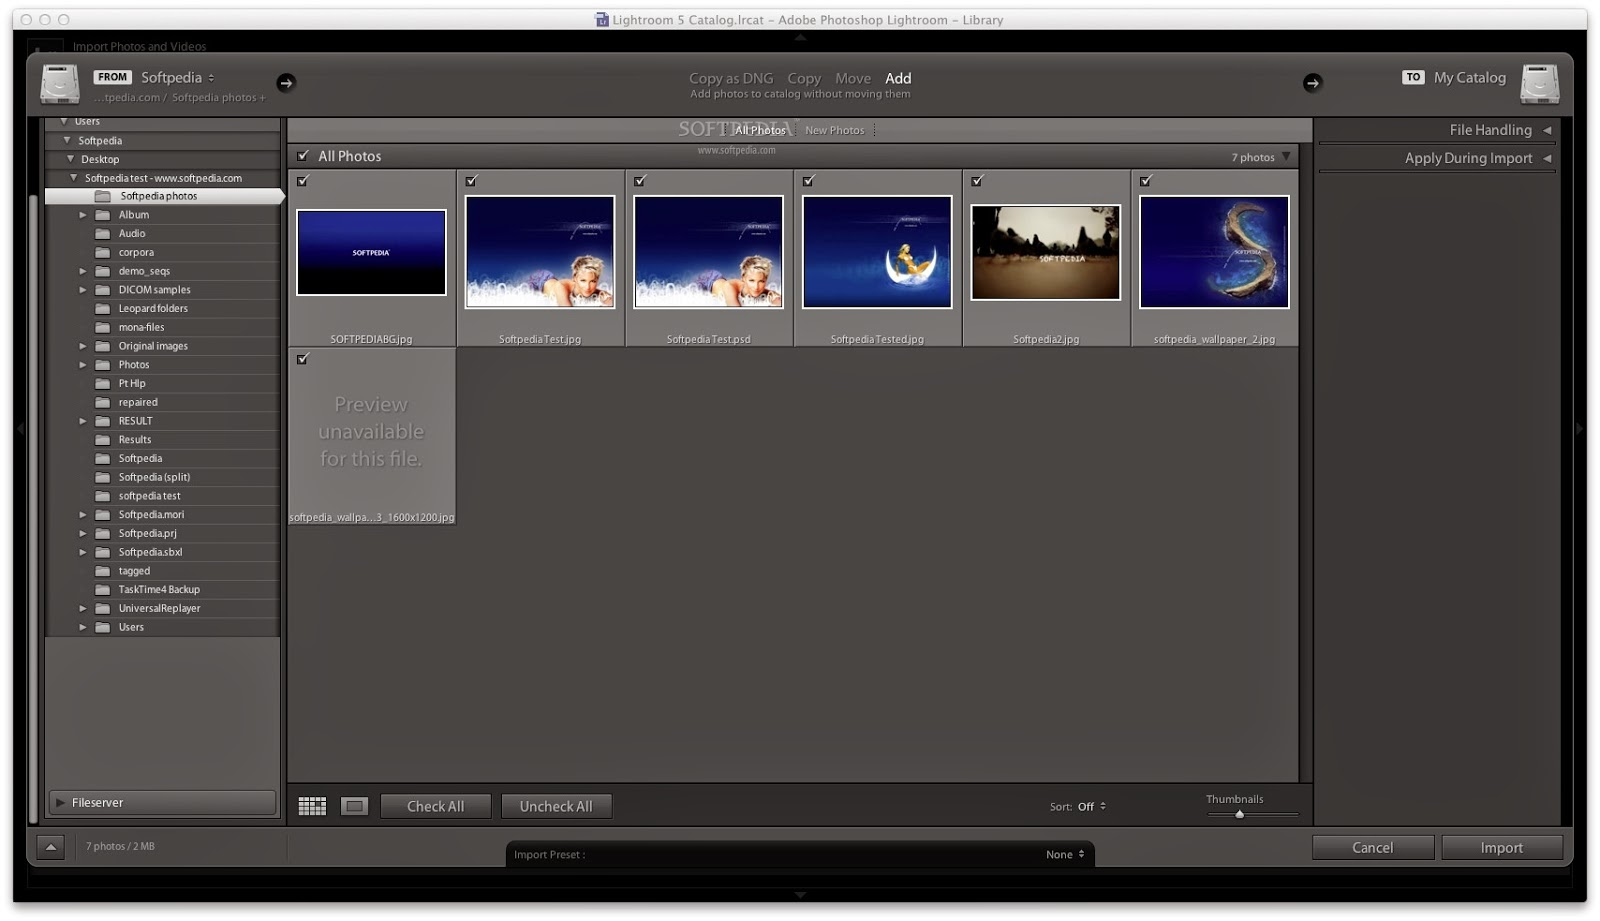 Adobe photoshop lightroom 5 7 1 crack download